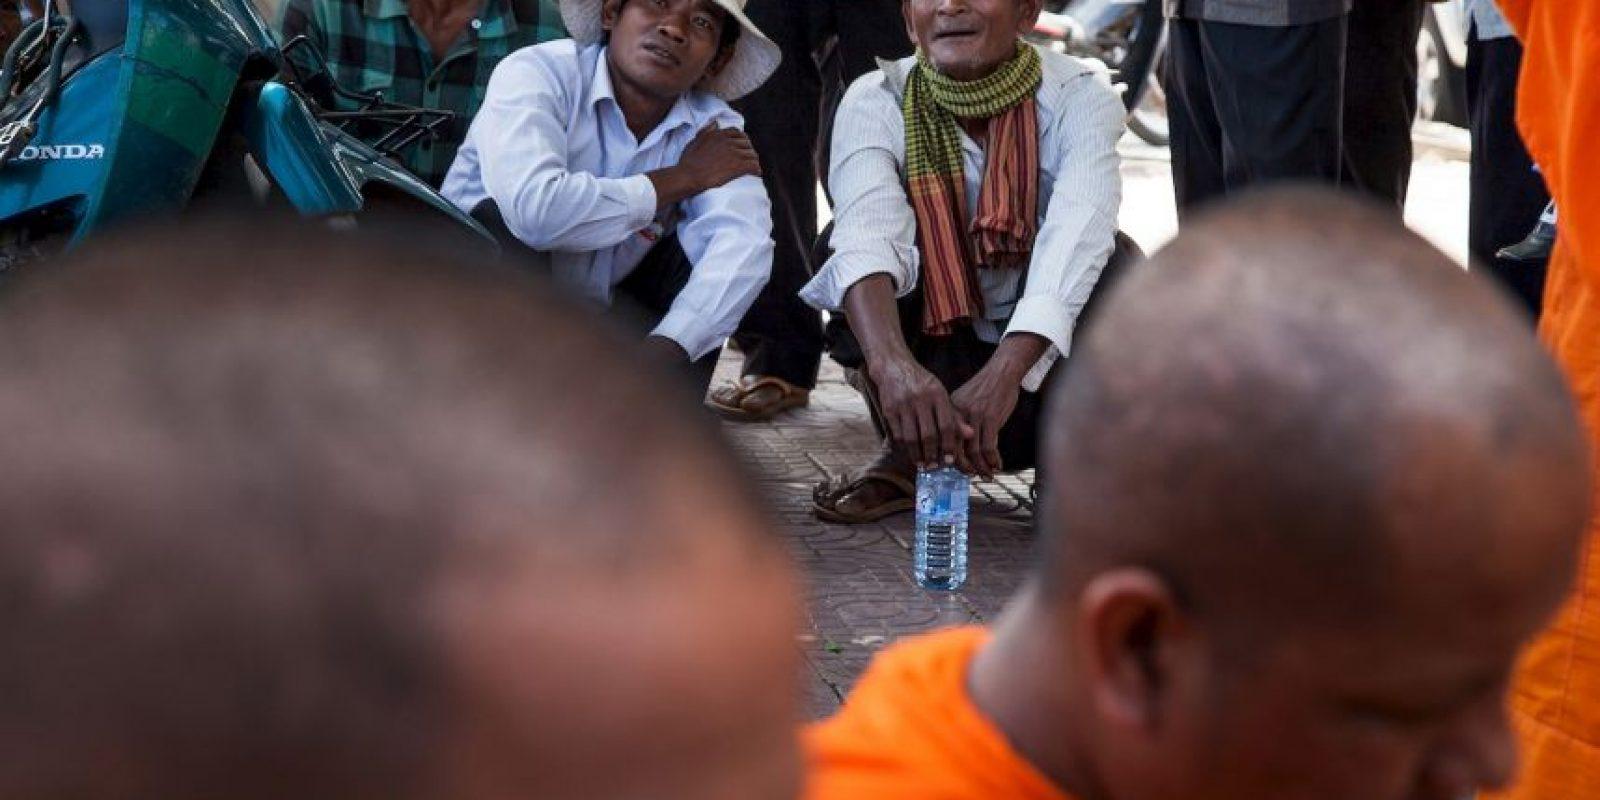 Esto luego de dudar de la victoria de primer ministro Hun Sen. Foto:Getty